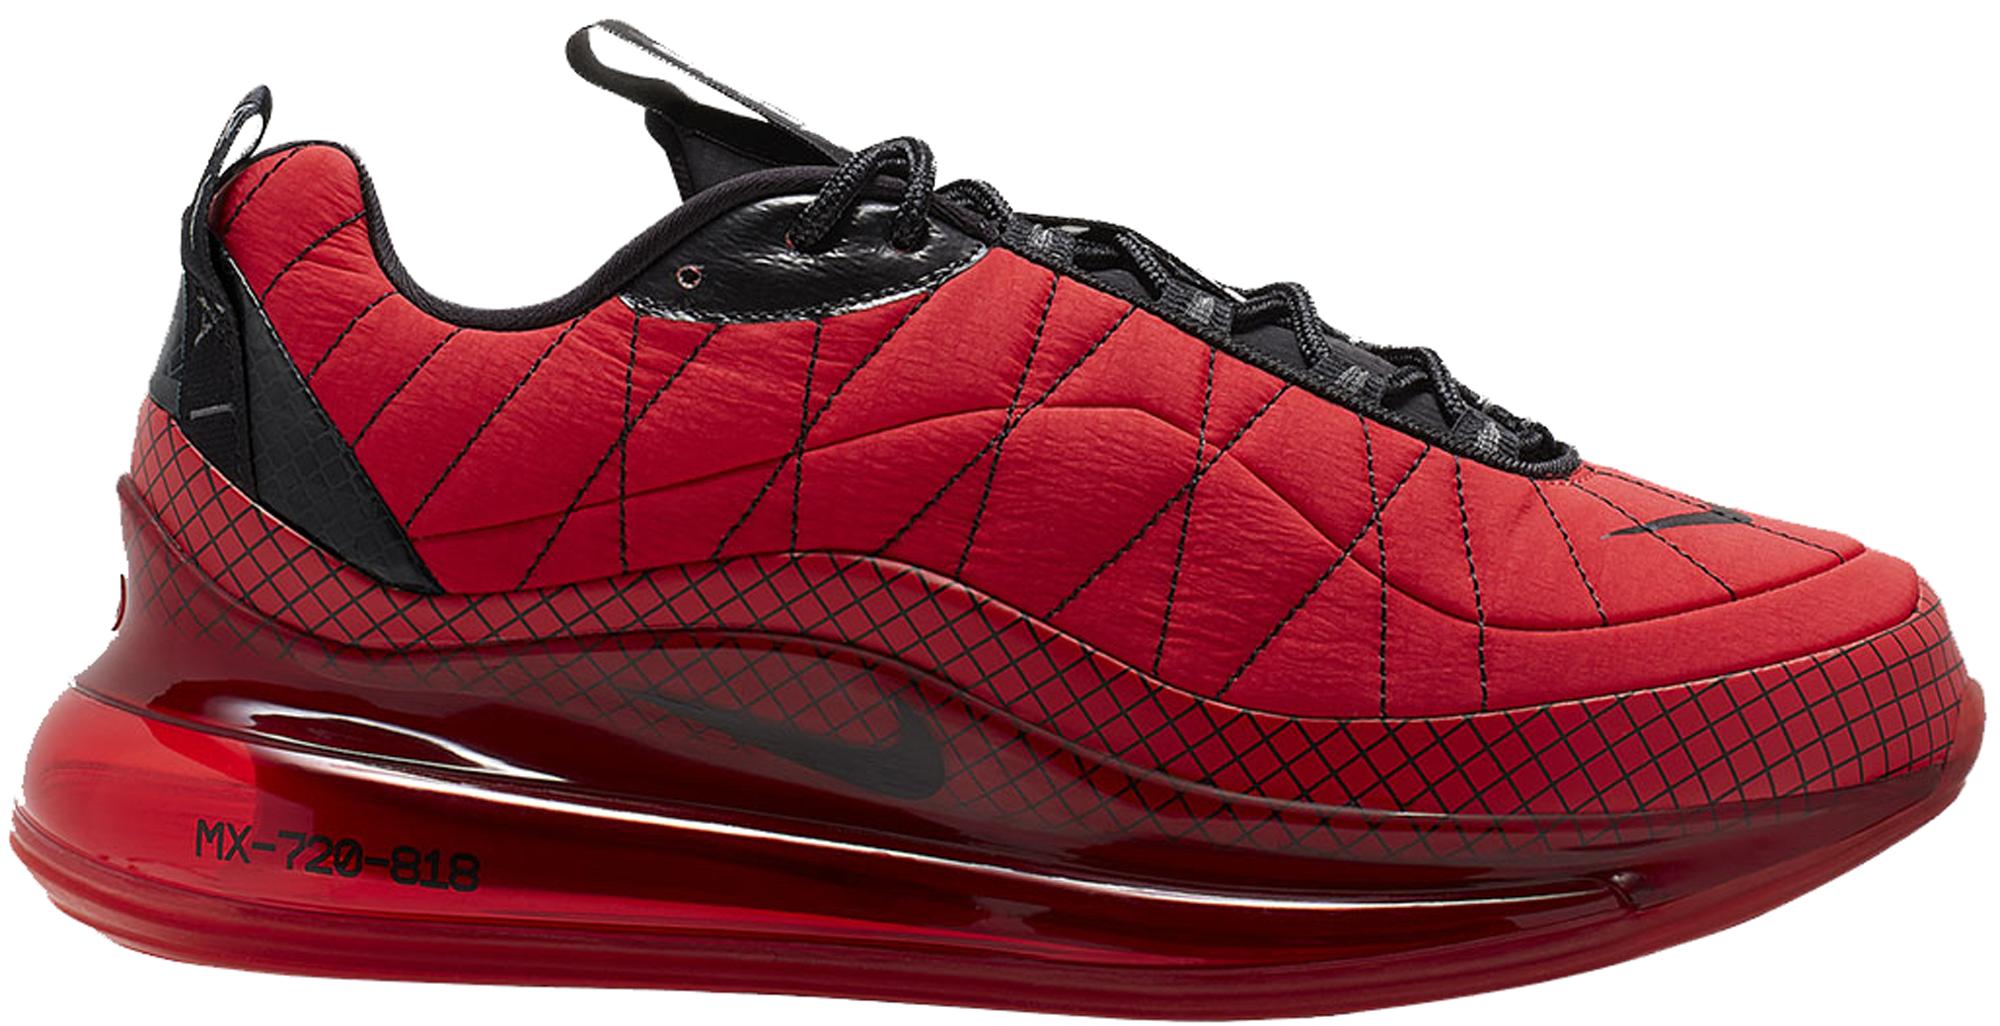 Nike MX 720 818 University Red Black